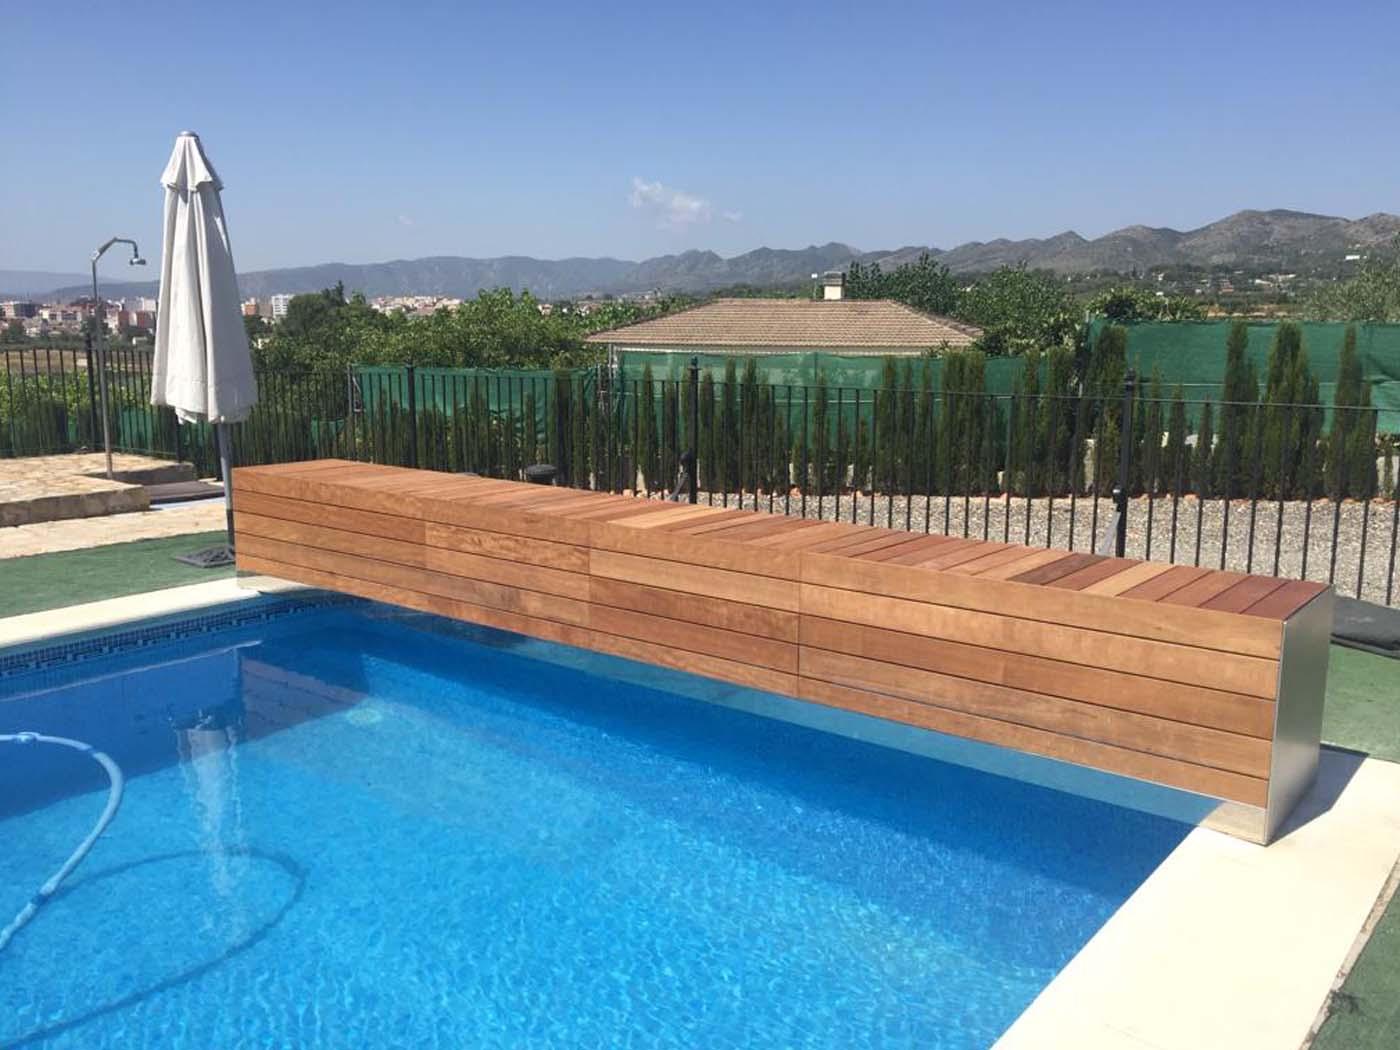 Cubierta de piscina de lamas azules y cajón de madera tropical